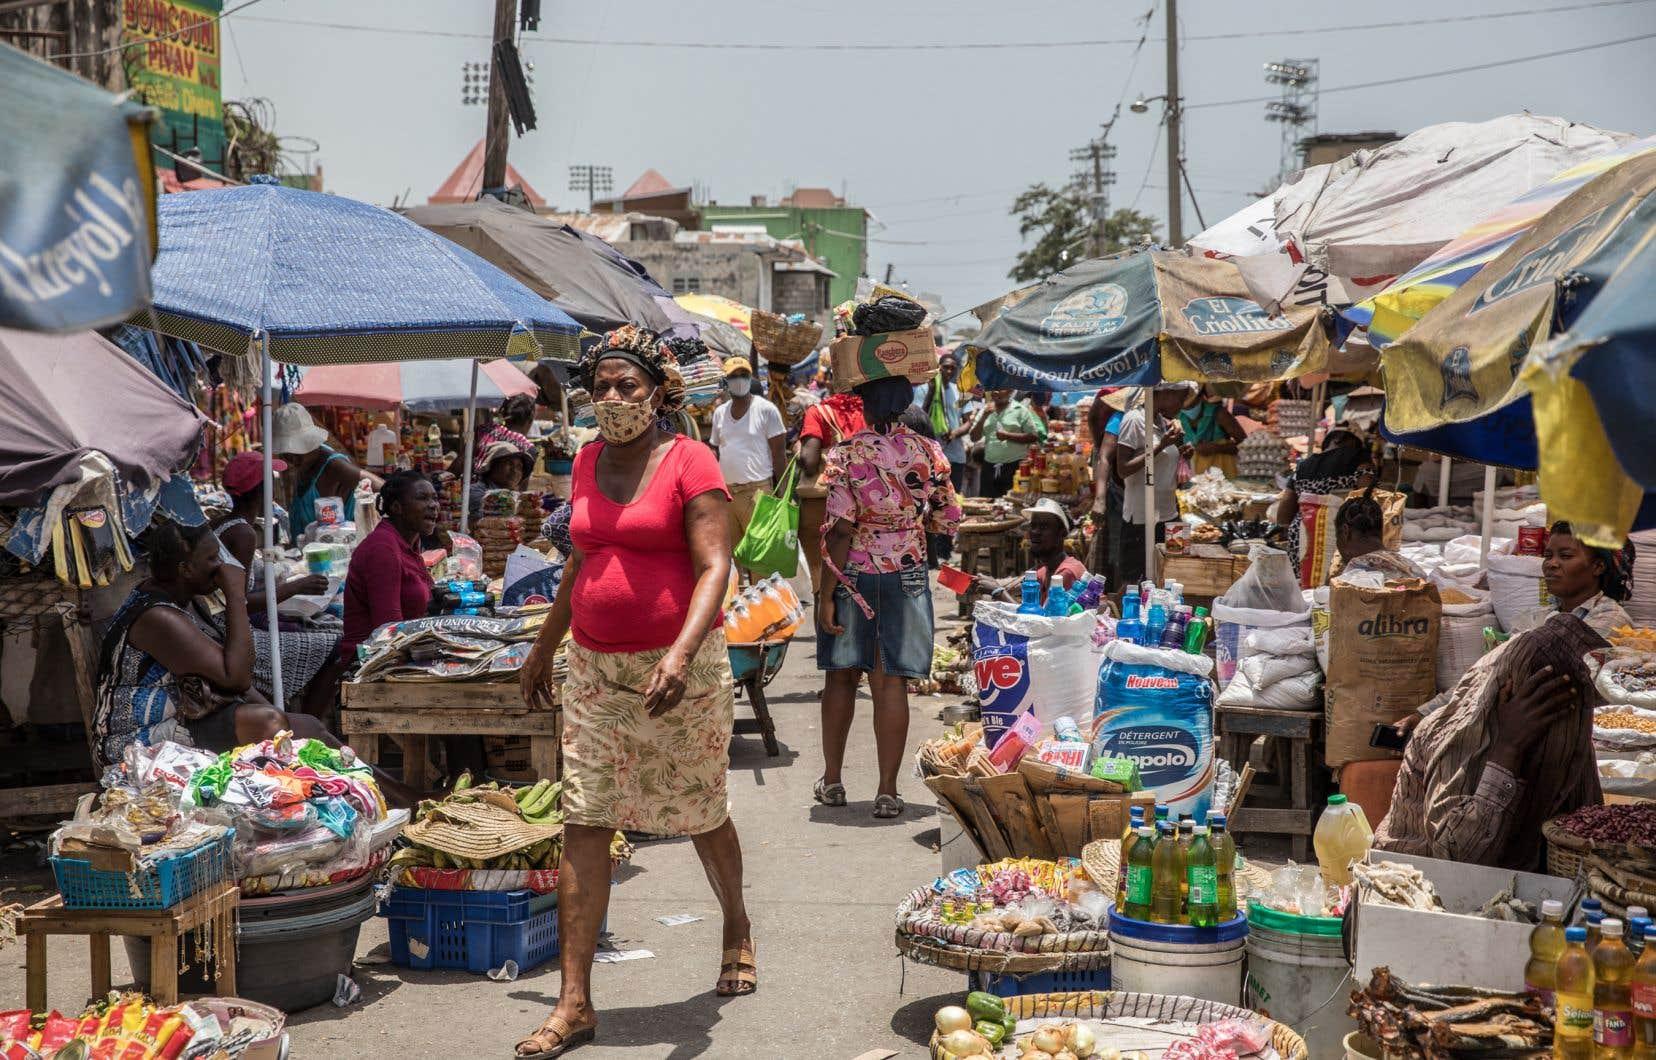 Haïti a non seulement été punie, maltraitée et écartée de l'économie mondiale et de la communauté politique des nations durant les cent premières années de son indépendance, mais elle a ensuite été sans cesse, et jusqu'à ce jour, occupée, contrôlée, manipulée et exploitée par des forces étrangères.